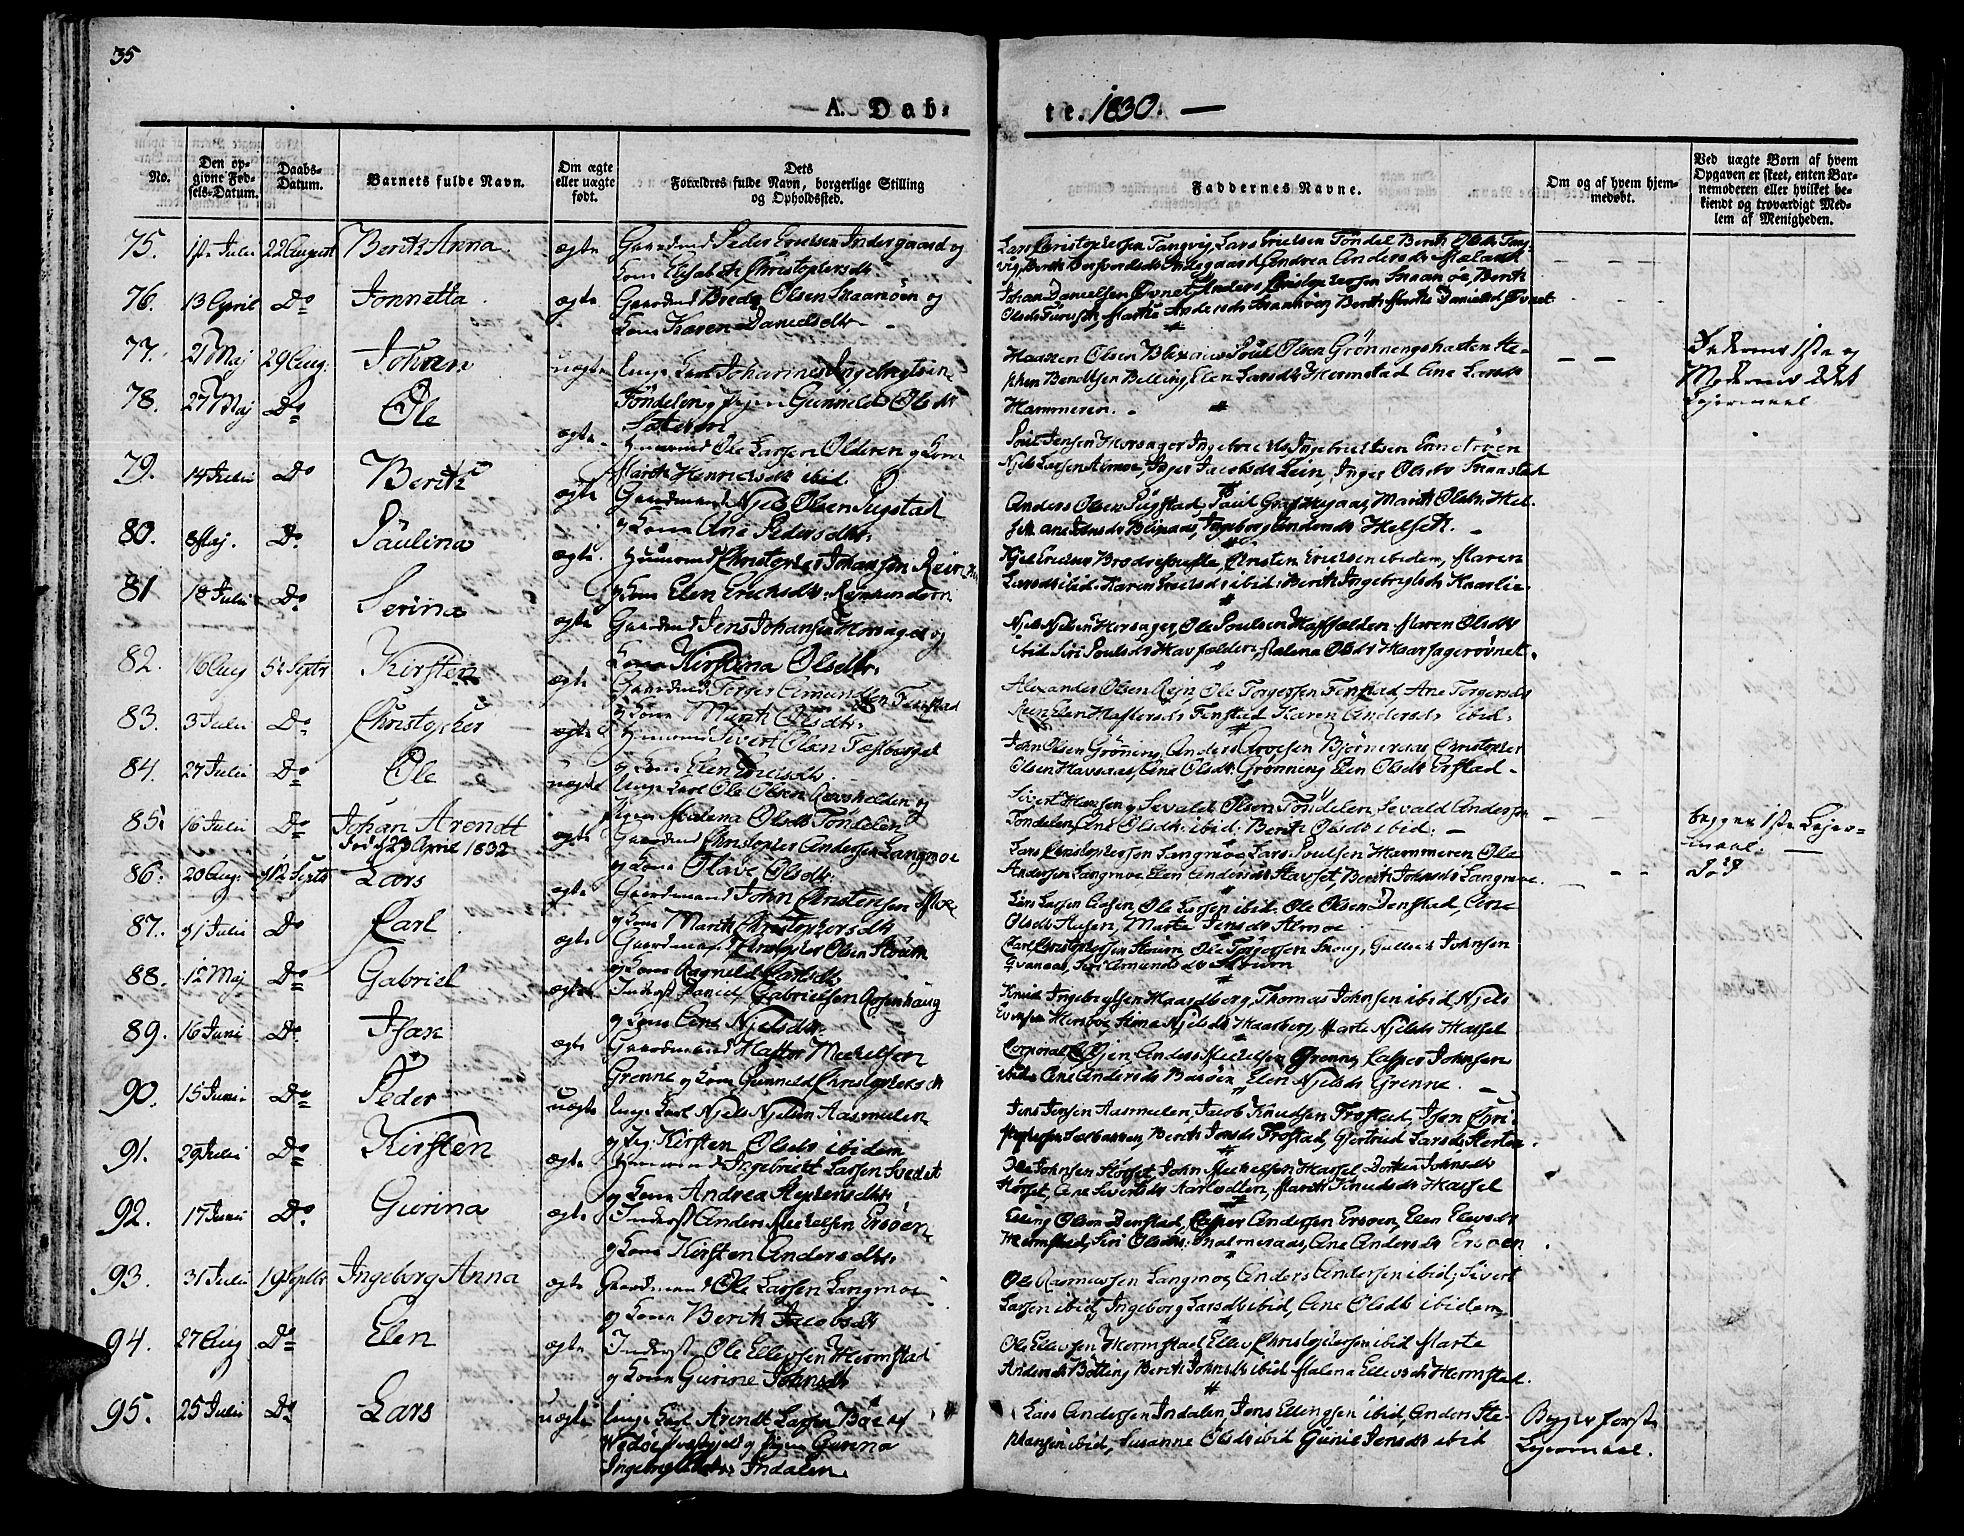 SAT, Ministerialprotokoller, klokkerbøker og fødselsregistre - Sør-Trøndelag, 646/L0609: Ministerialbok nr. 646A07, 1826-1838, s. 35